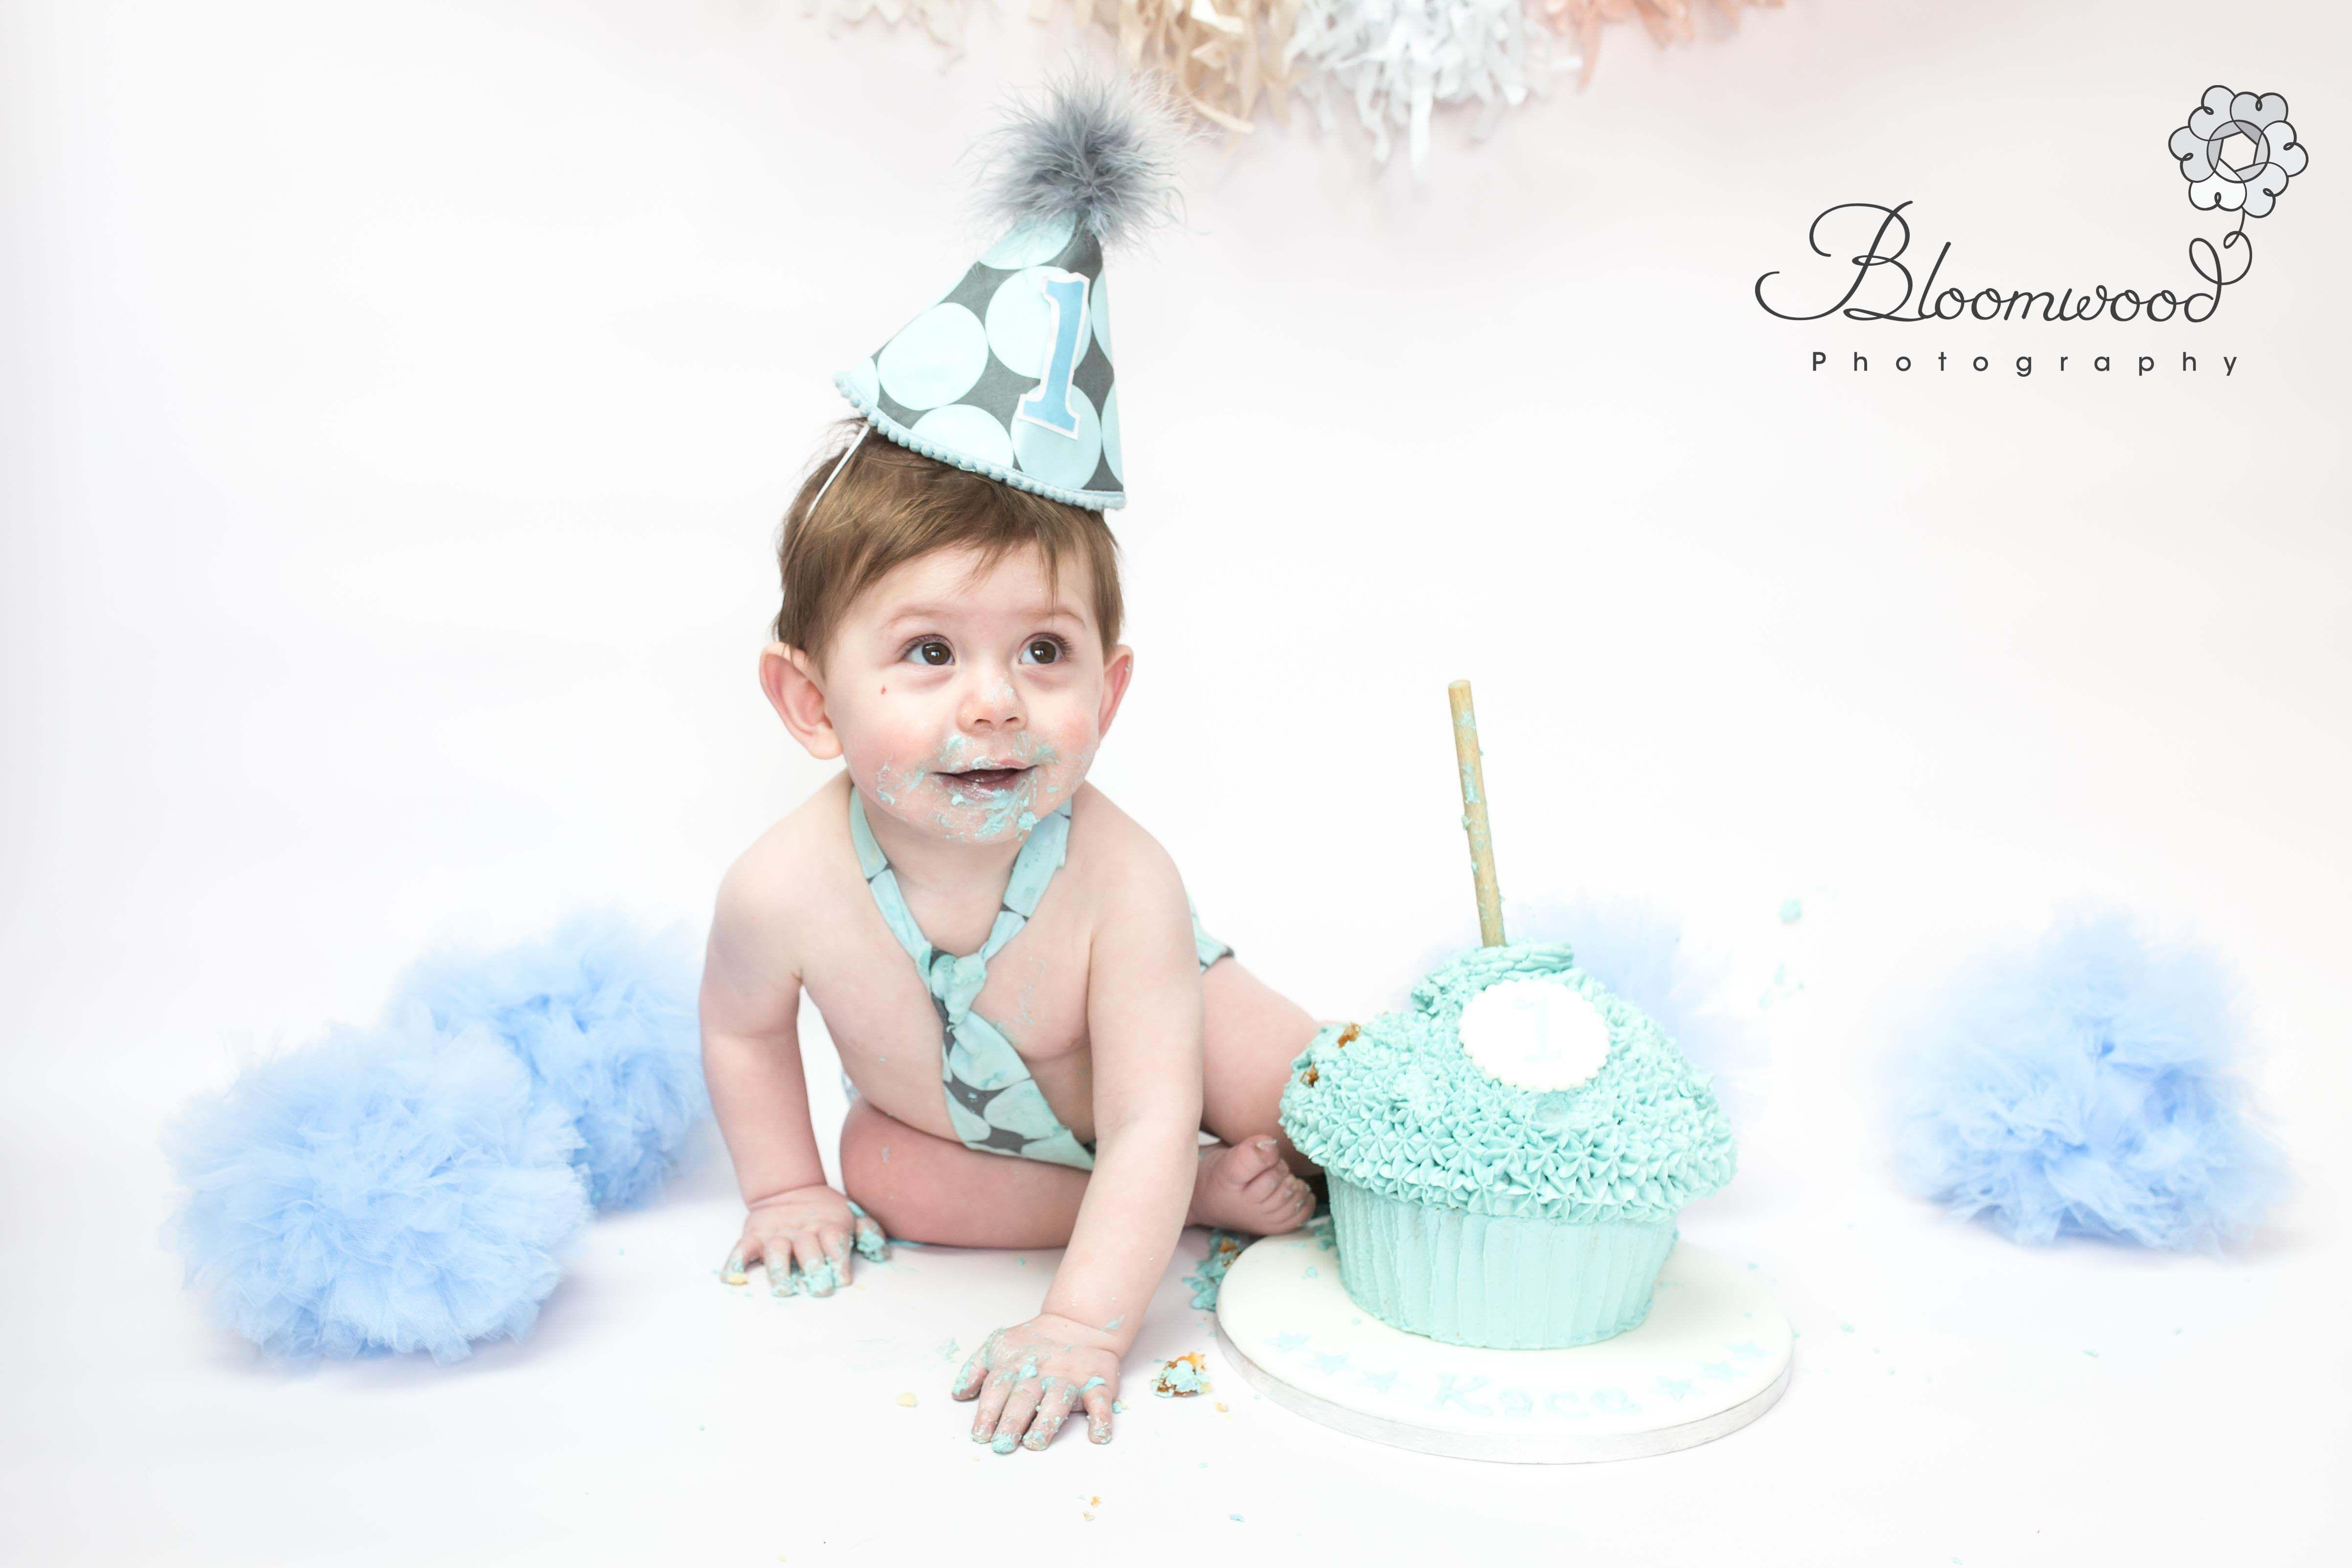 cake smash photoshoot near me